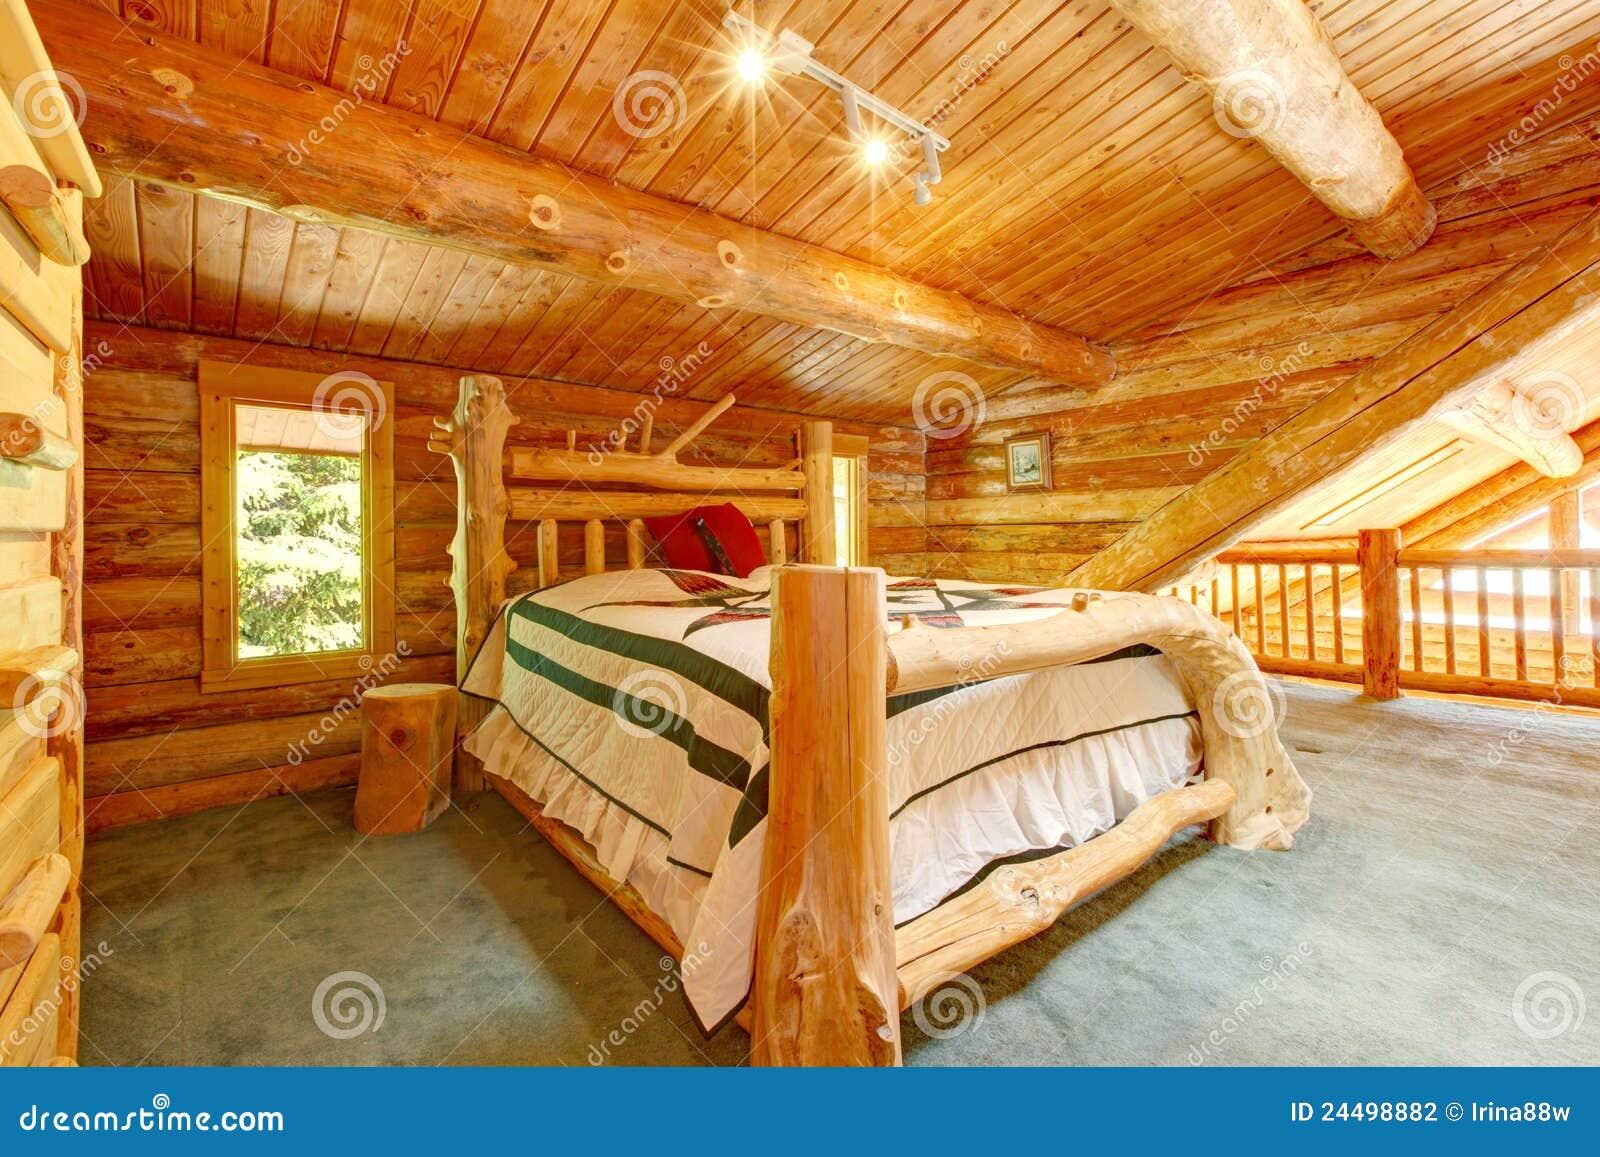 Chambre à coucher de cabine de log sous le grand plafond en bois.